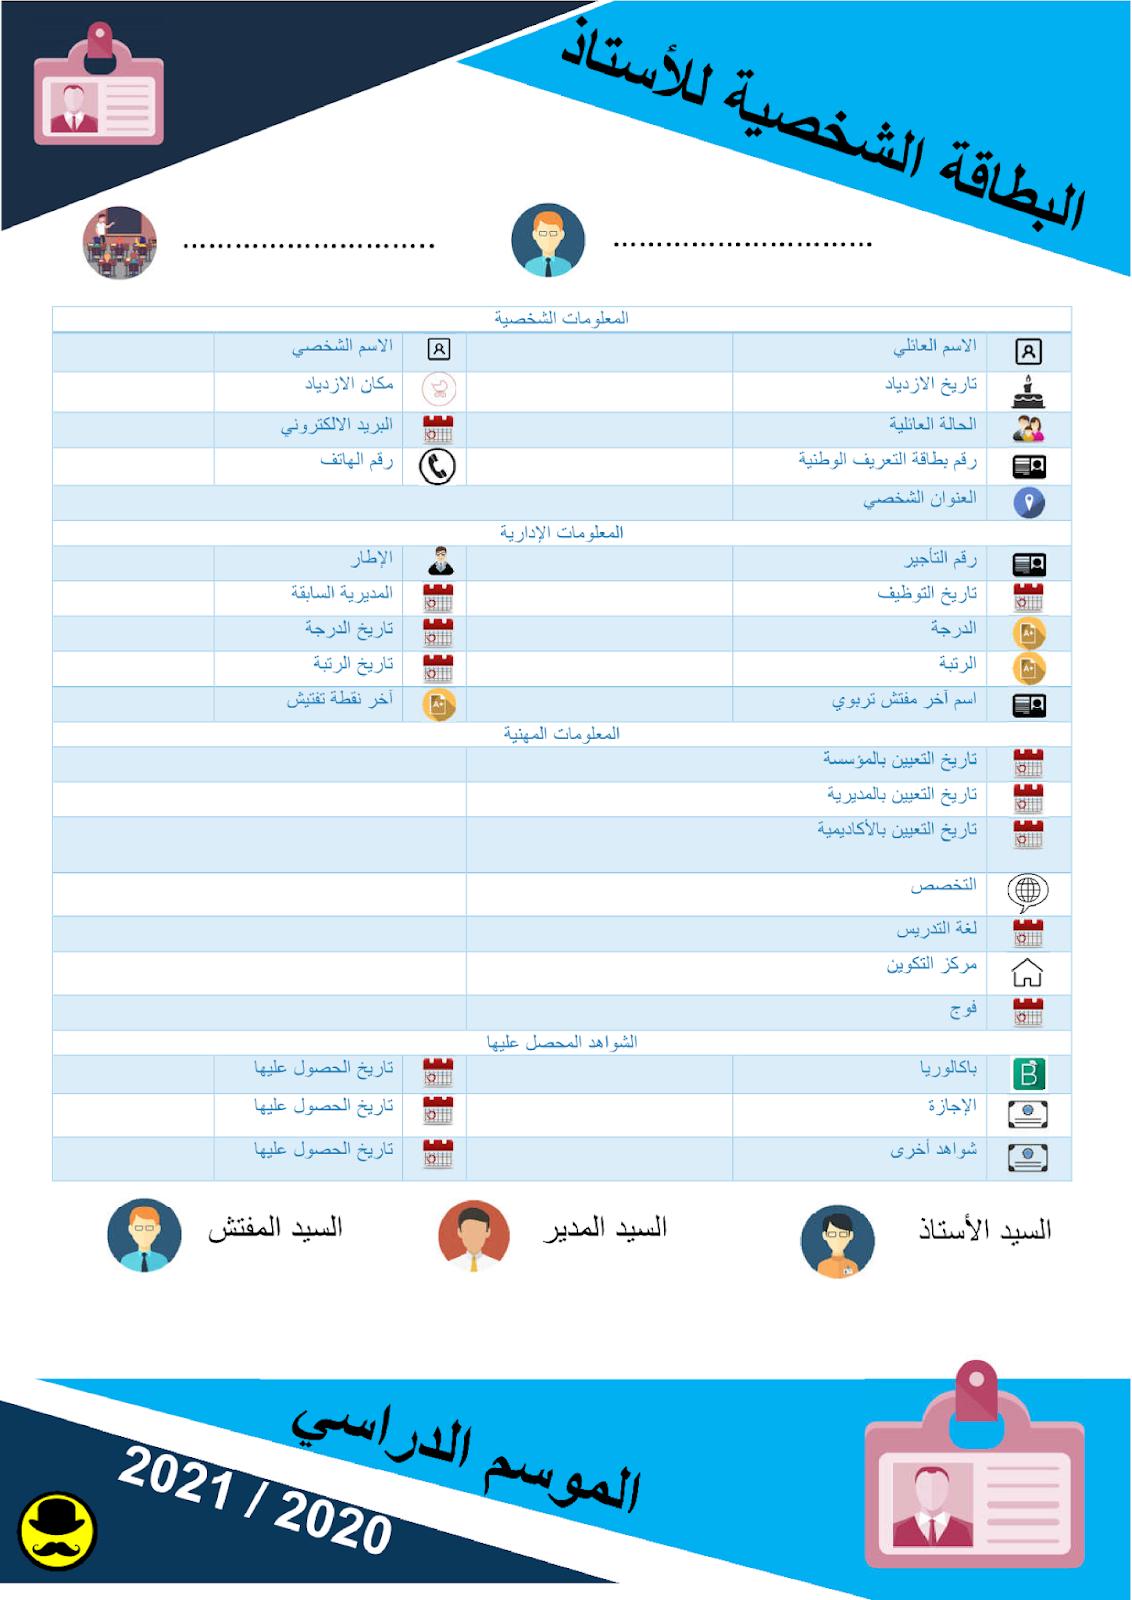 البطاقة الشخصية للأستاذ - الموسم الدراسي 2021/2020